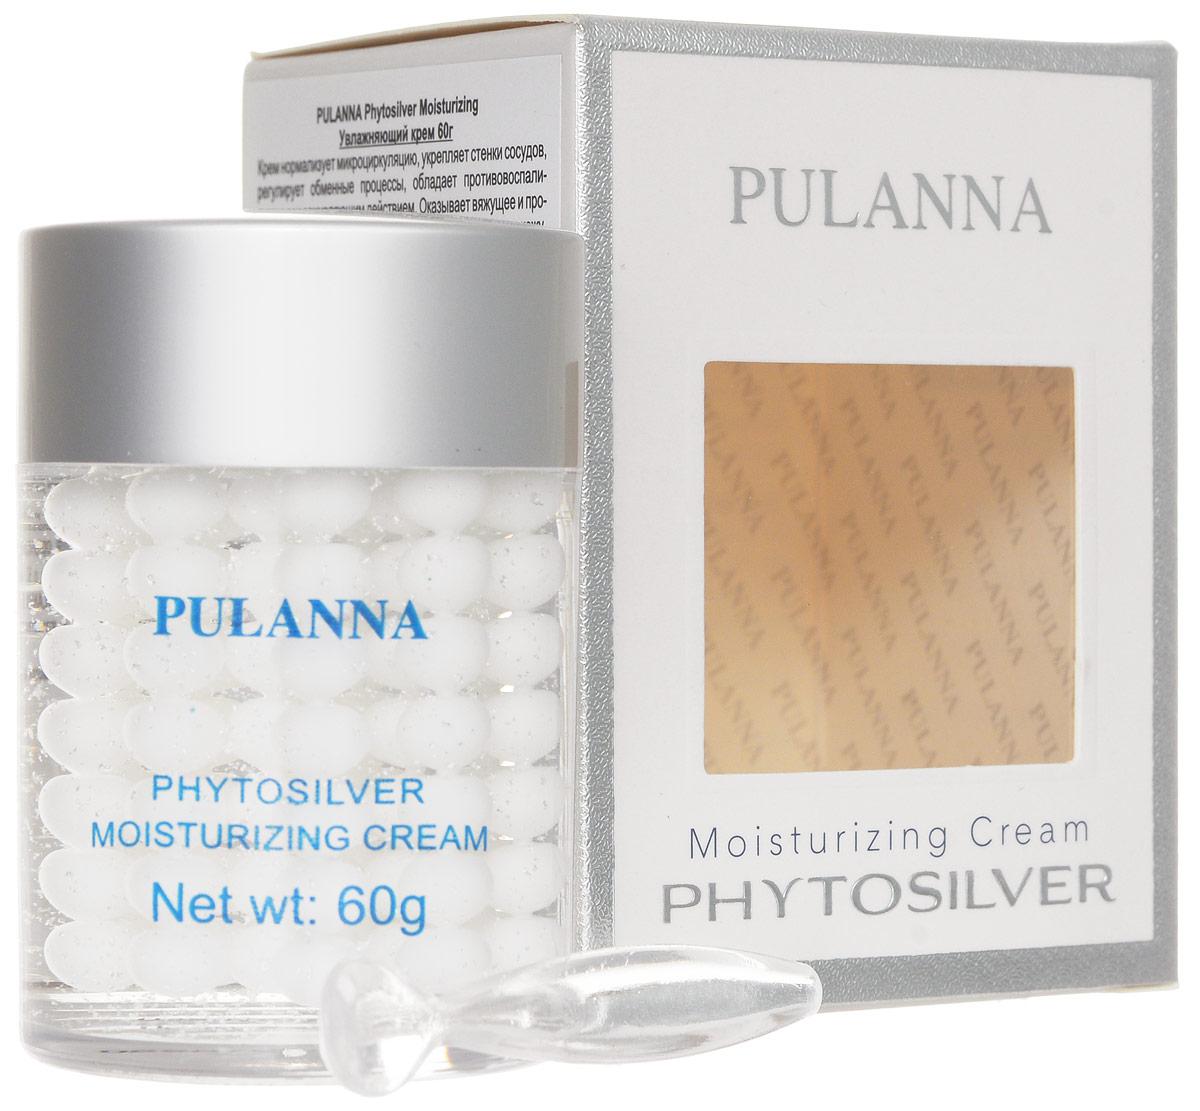 Pulanna Увлажняющий крем на основе био-серебра - Phytosilver Moisturizing 60 г5902596005214Крем за счет входящих в его состав ценных компонентов таких как: био-серебро, экстракт женьшеня, гиалуроновая кислота, экстракт конского каштана, регулирует работу сальных желез, нормализует процесс кератинизации, предотвращает воспалительные процессы, ускоряет регенерацию клеток, регулирует обменные процессы и тонизирует. Средство улучшает микроциркуляцию, укрепляет стенки кровеносных сосудов, сохраняет влагу в клетках кожи, поддерживает ее упругость. Способствует разглаживанию мелких морщин. Повышается способность кожи к удерживанию влаги. Средство обладает омолаживающим действием. Рекомендован для обезвоженной кожи нормального, комбинорованного и жирного типов с 28-30 лет. Серия косметических средств PULANNA на основе био-серебра награждена Почетной Золотой медалью РАЕН им. И. И. Мечникова За практический вклад в укрепление здоровья нации.